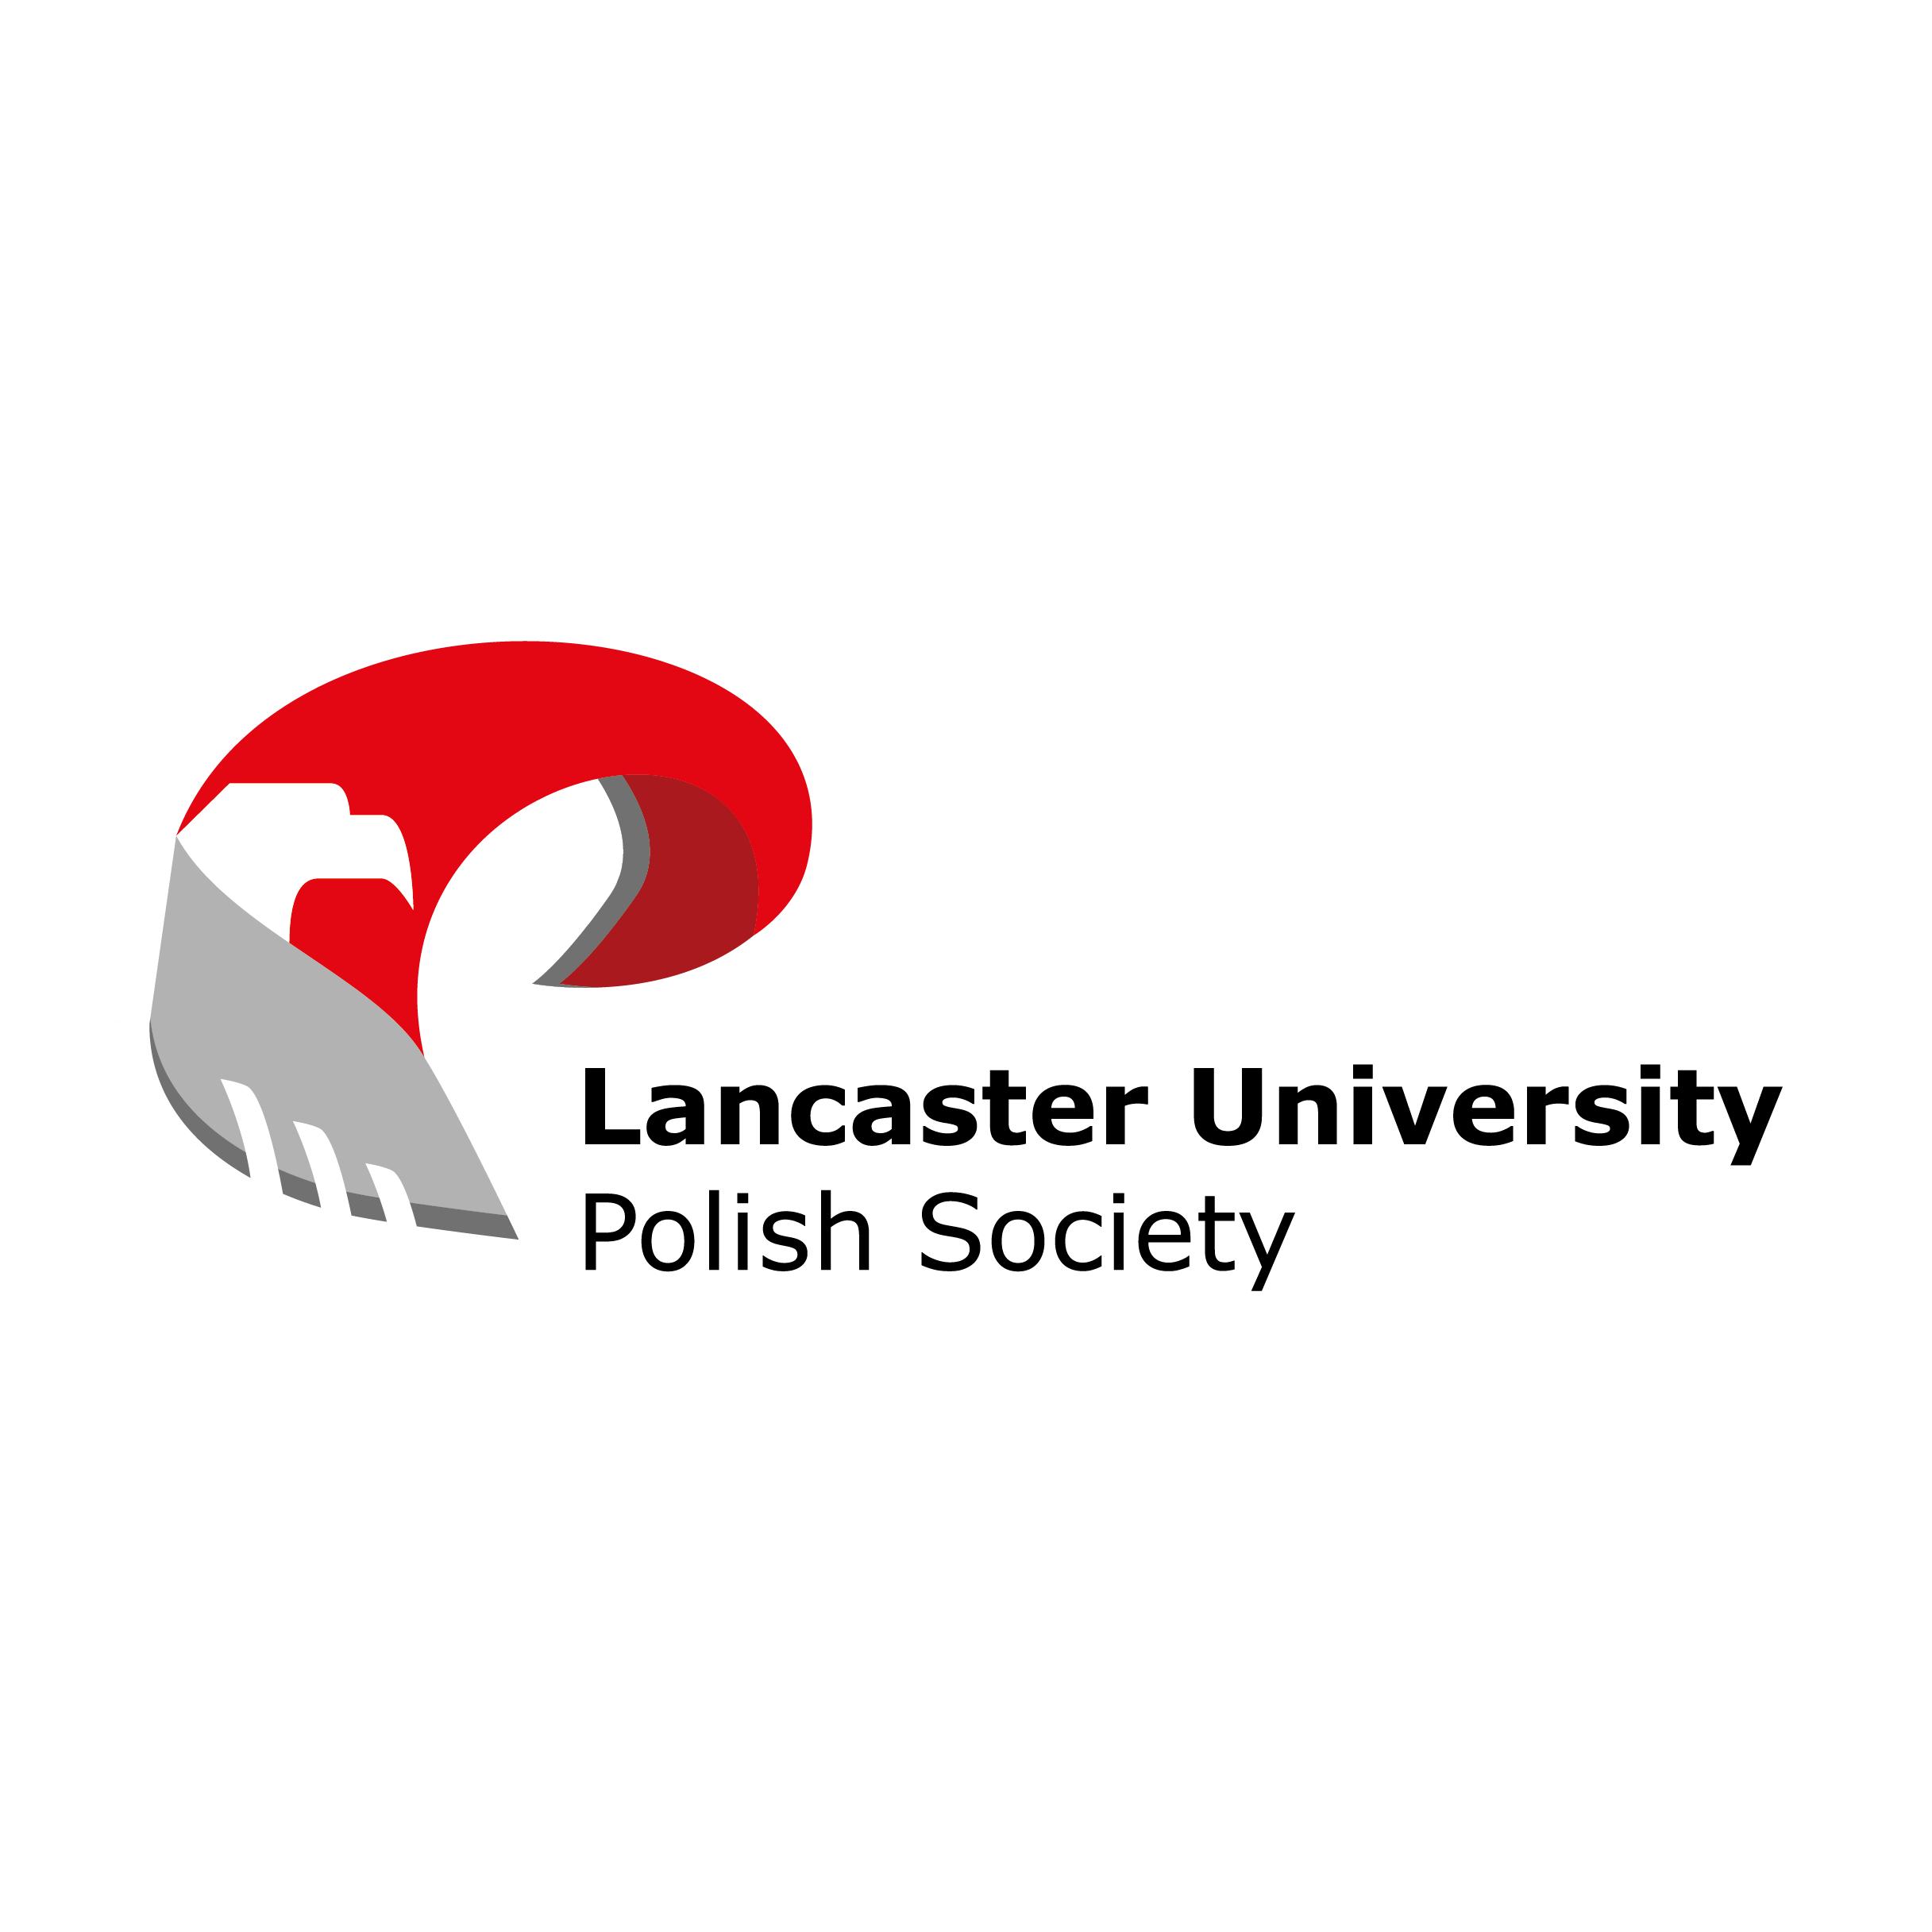 Lancaster University Polish Society